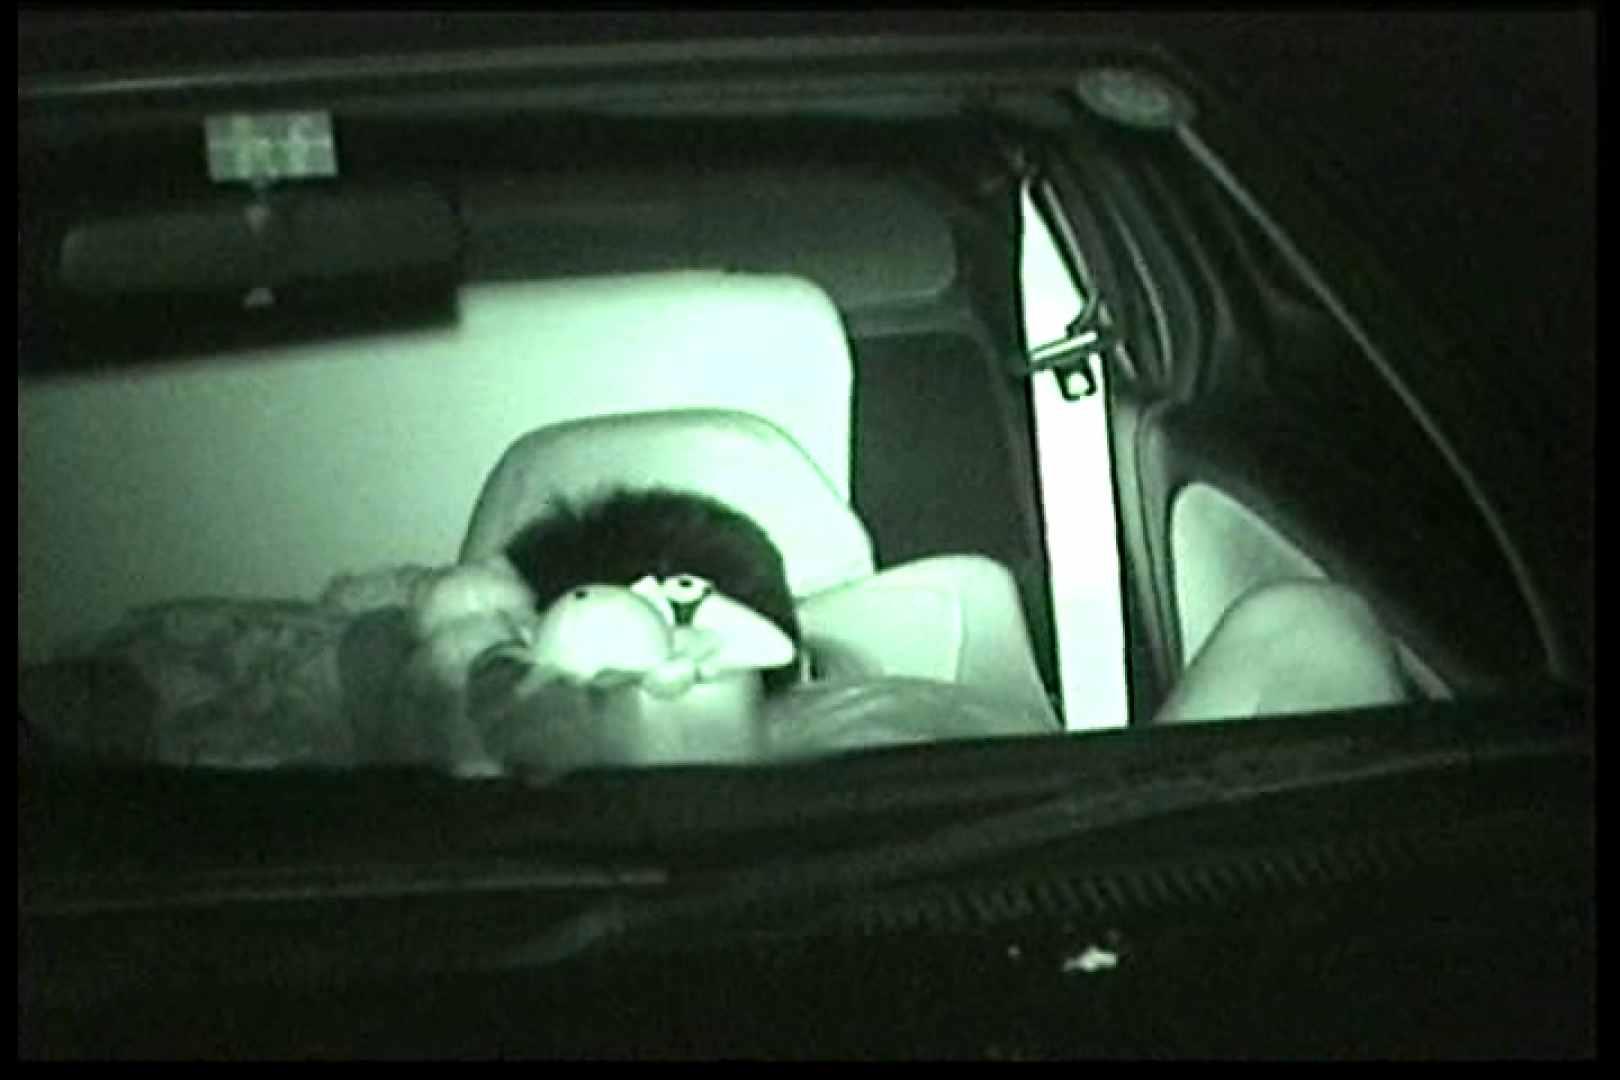 車の中はラブホテル 無修正版  Vol.13 赤外線 スケベ動画紹介 80連発 47